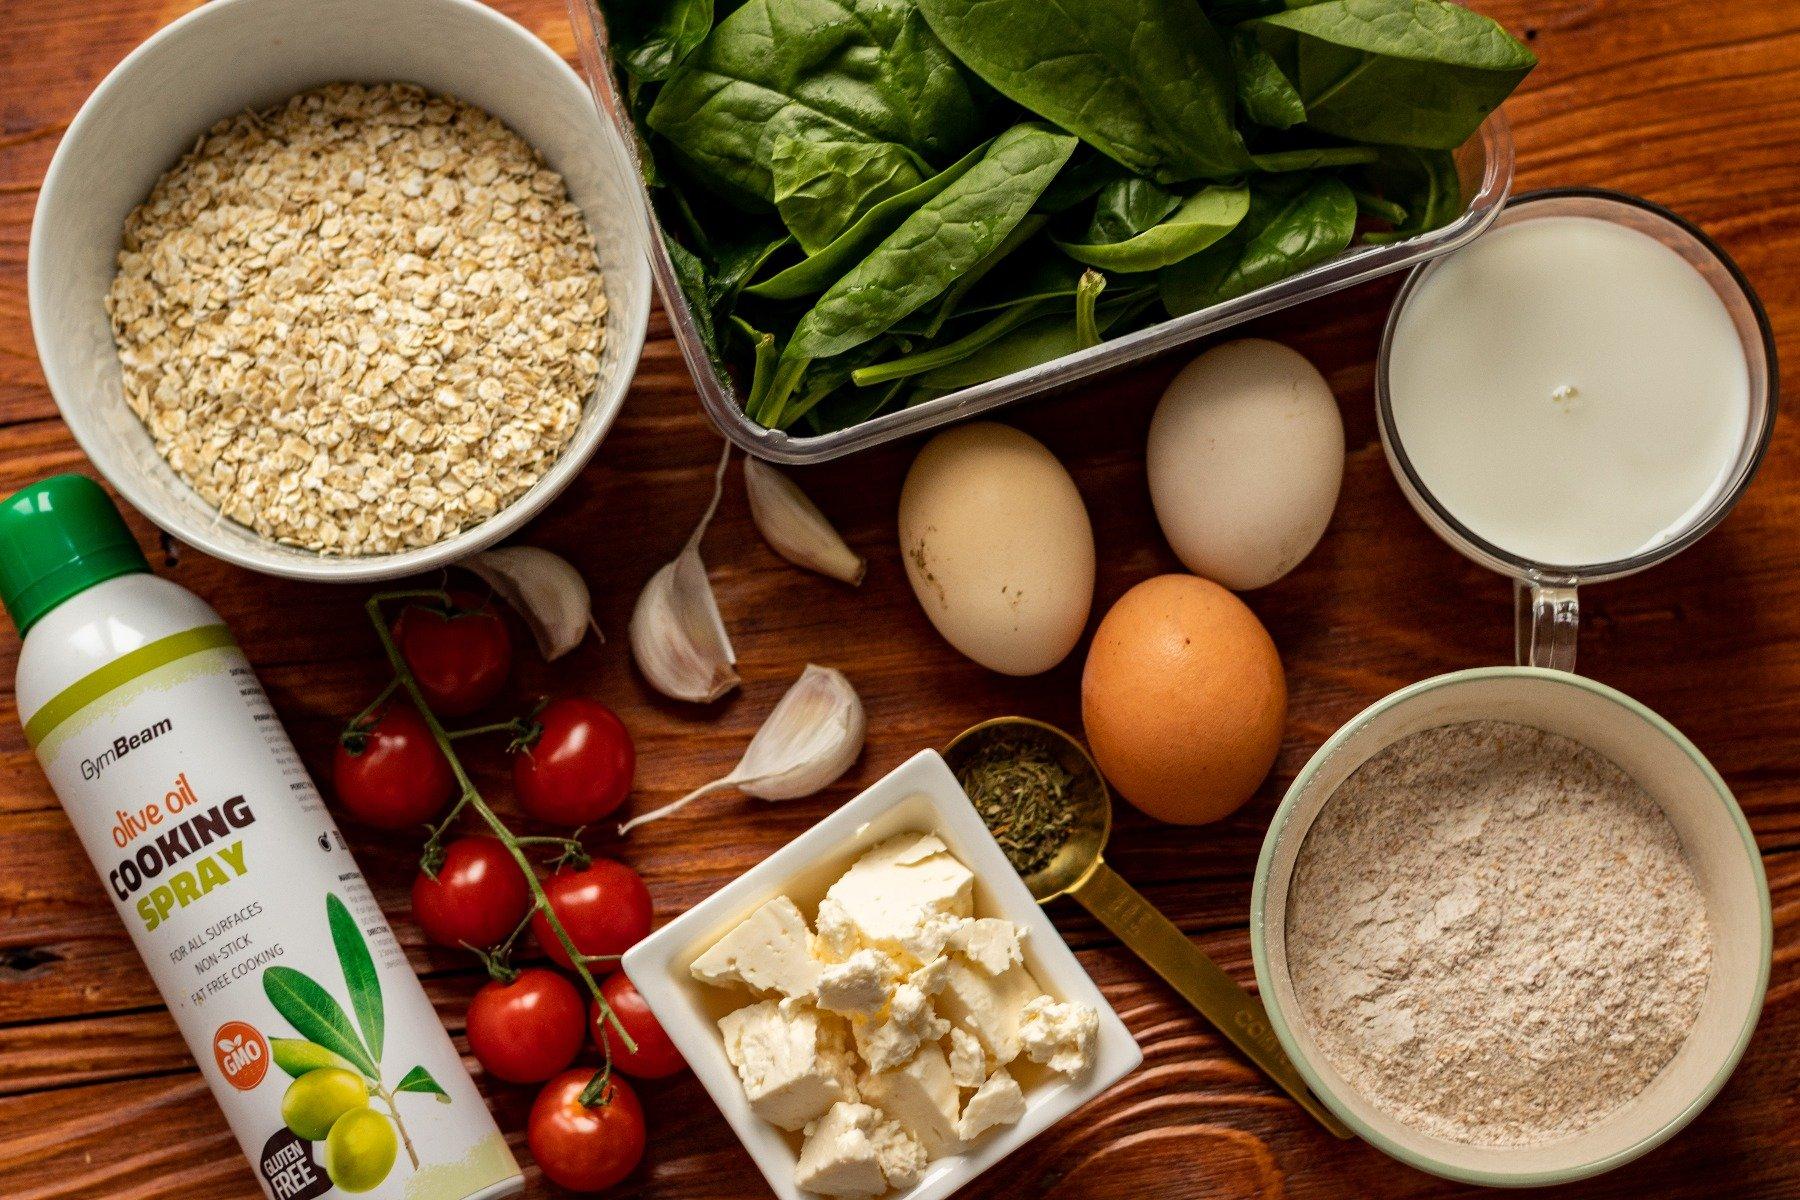 Fitness recept: Quiche od špinata - slana francuska pita - instrukcije